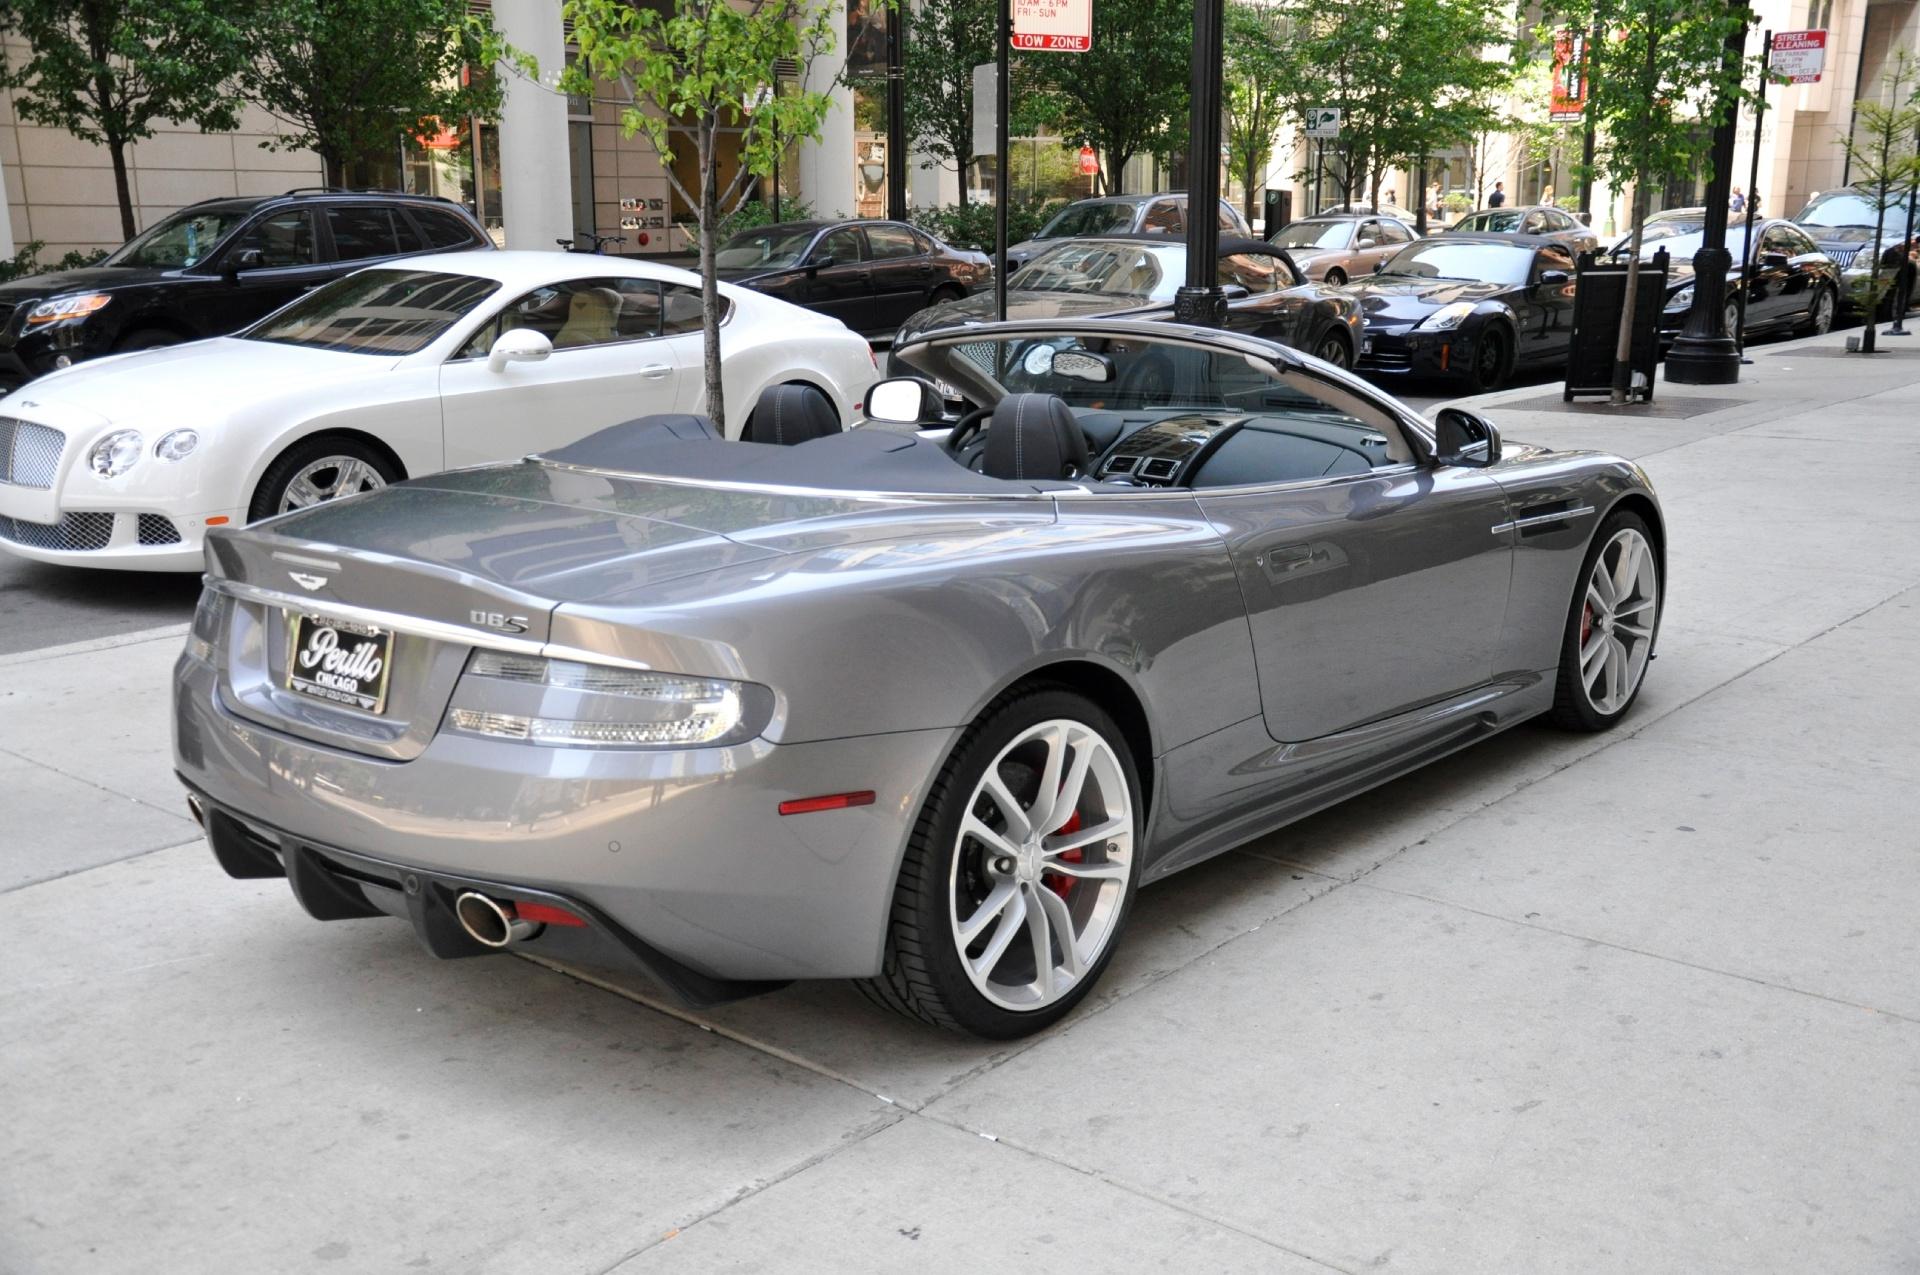 Aston Martin DBS Convertible Volante Stock GC For Sale - Aston martin convertible for sale